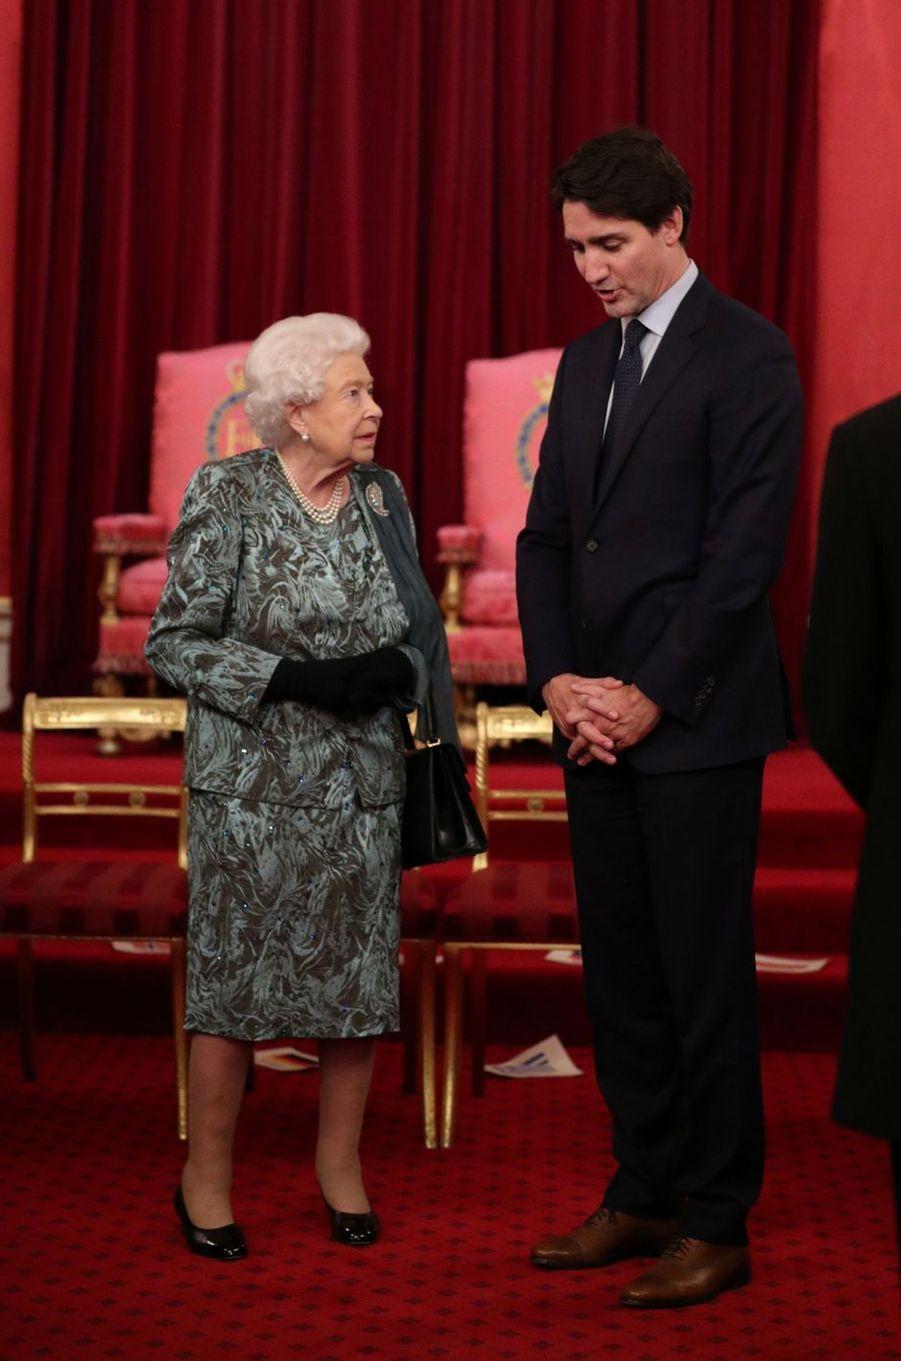 La reine Elizabeth II avec le Premier ministre canadien Justin Trudeau à Londres, le 3 décembre 2019